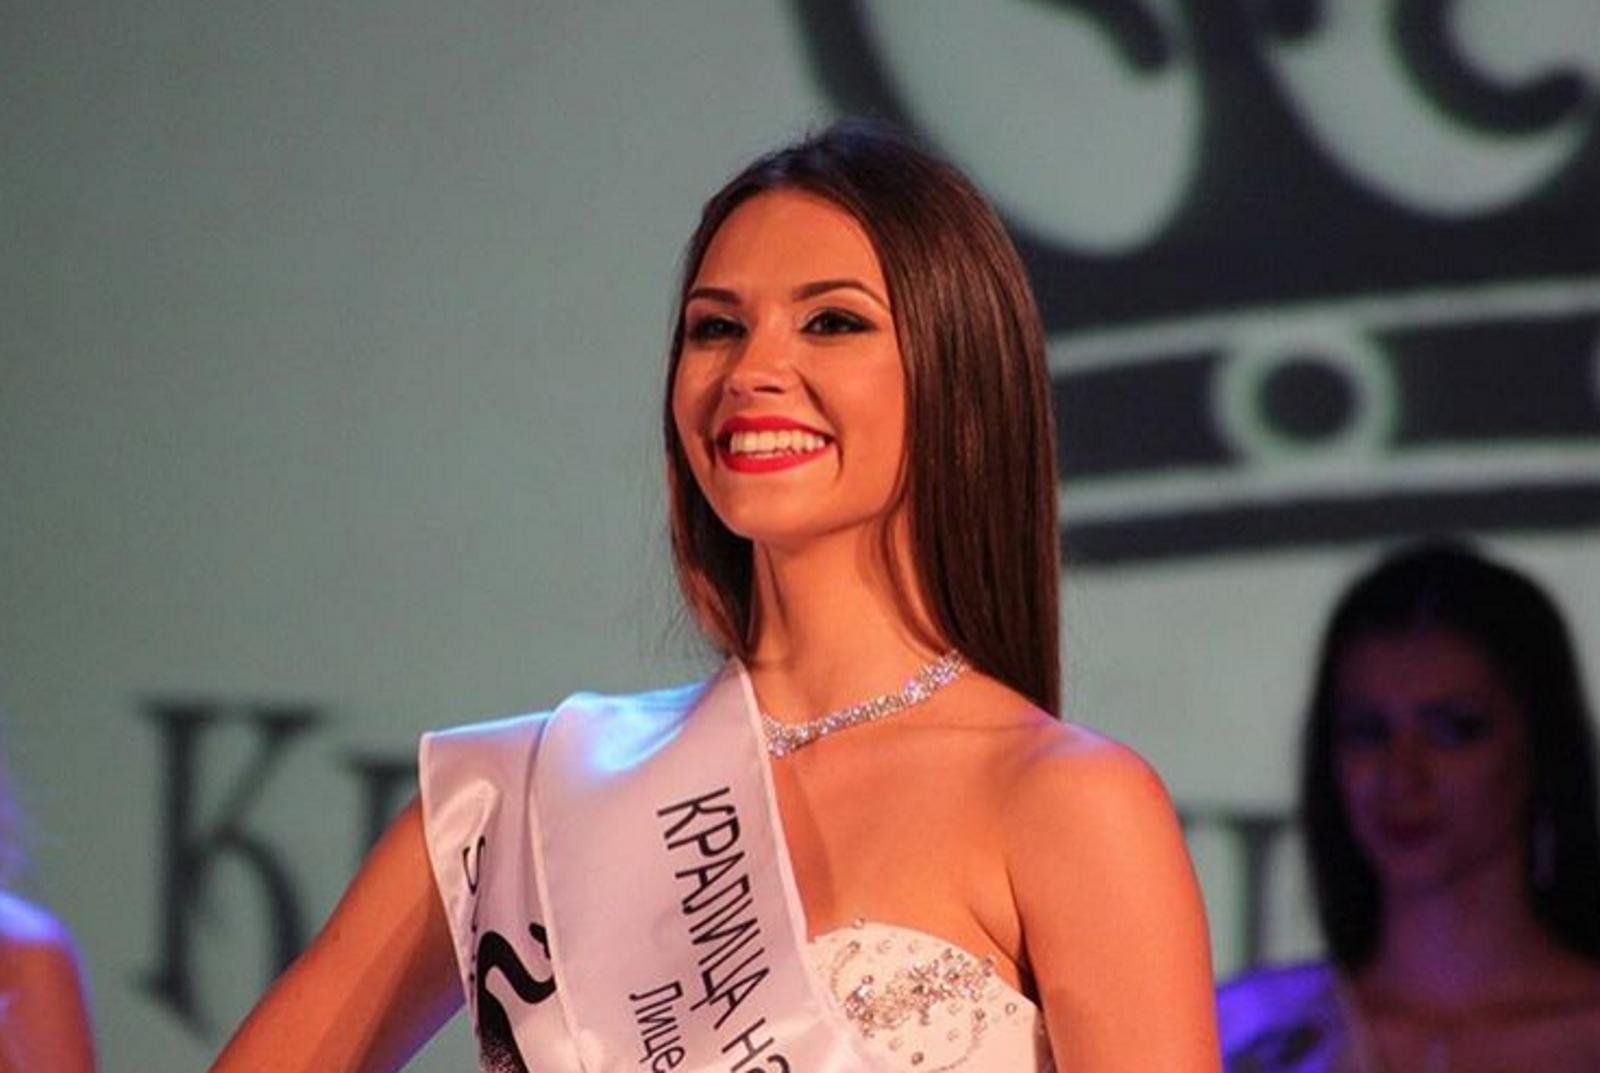 Ето я новата Мис България! Харесва ли ви?